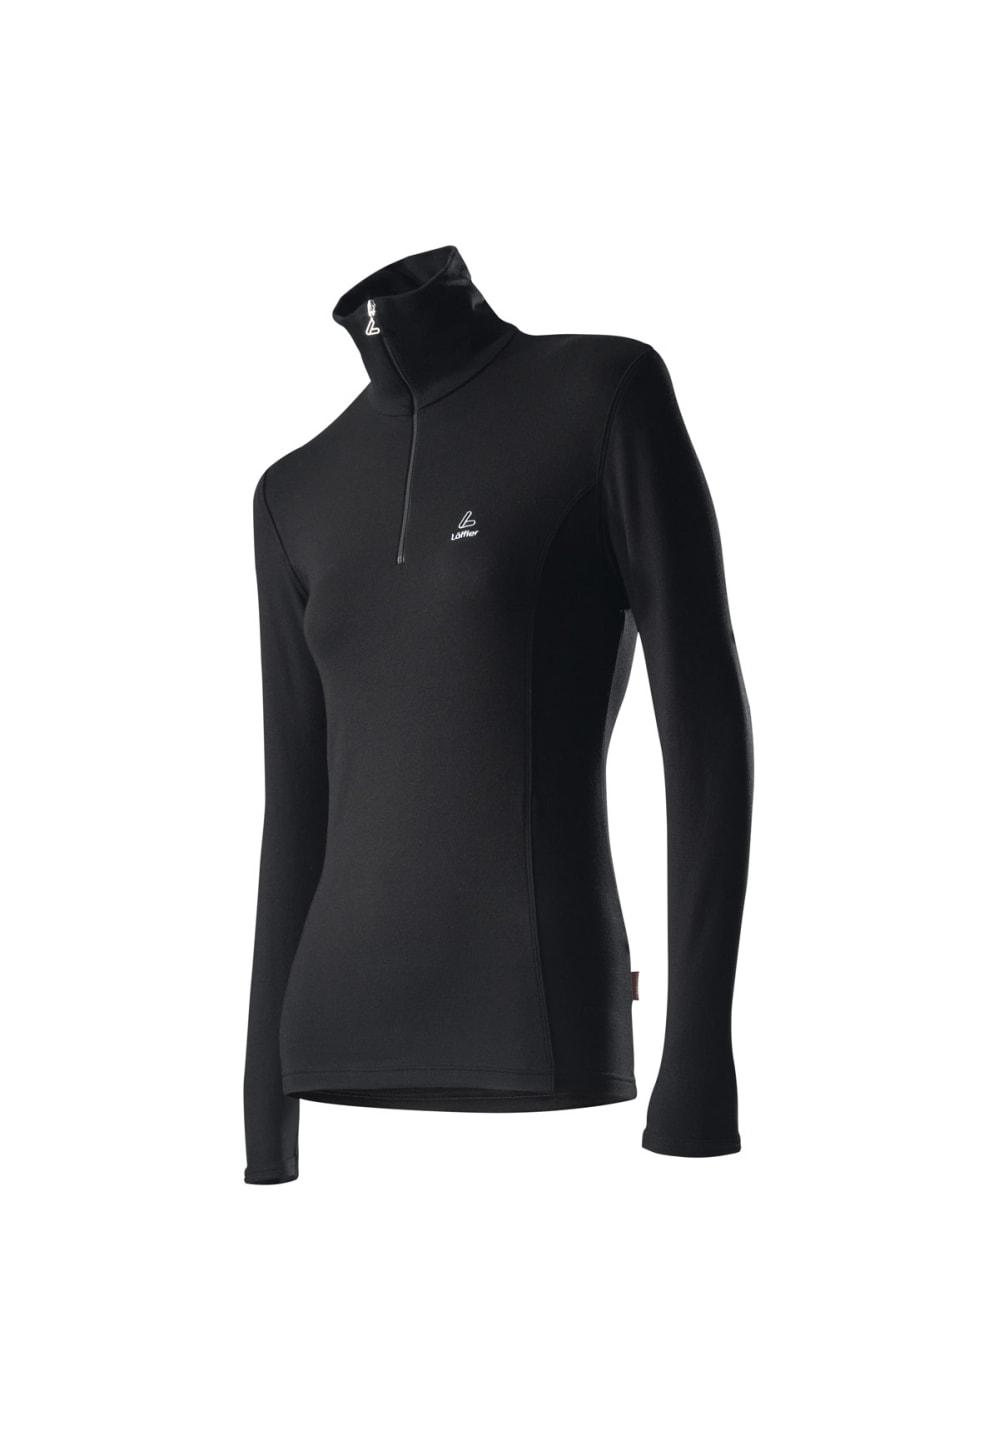 Löffler Transtex Zip-Sweater Basic - Laufshirts für Damen - Schwarz, Gr. 40